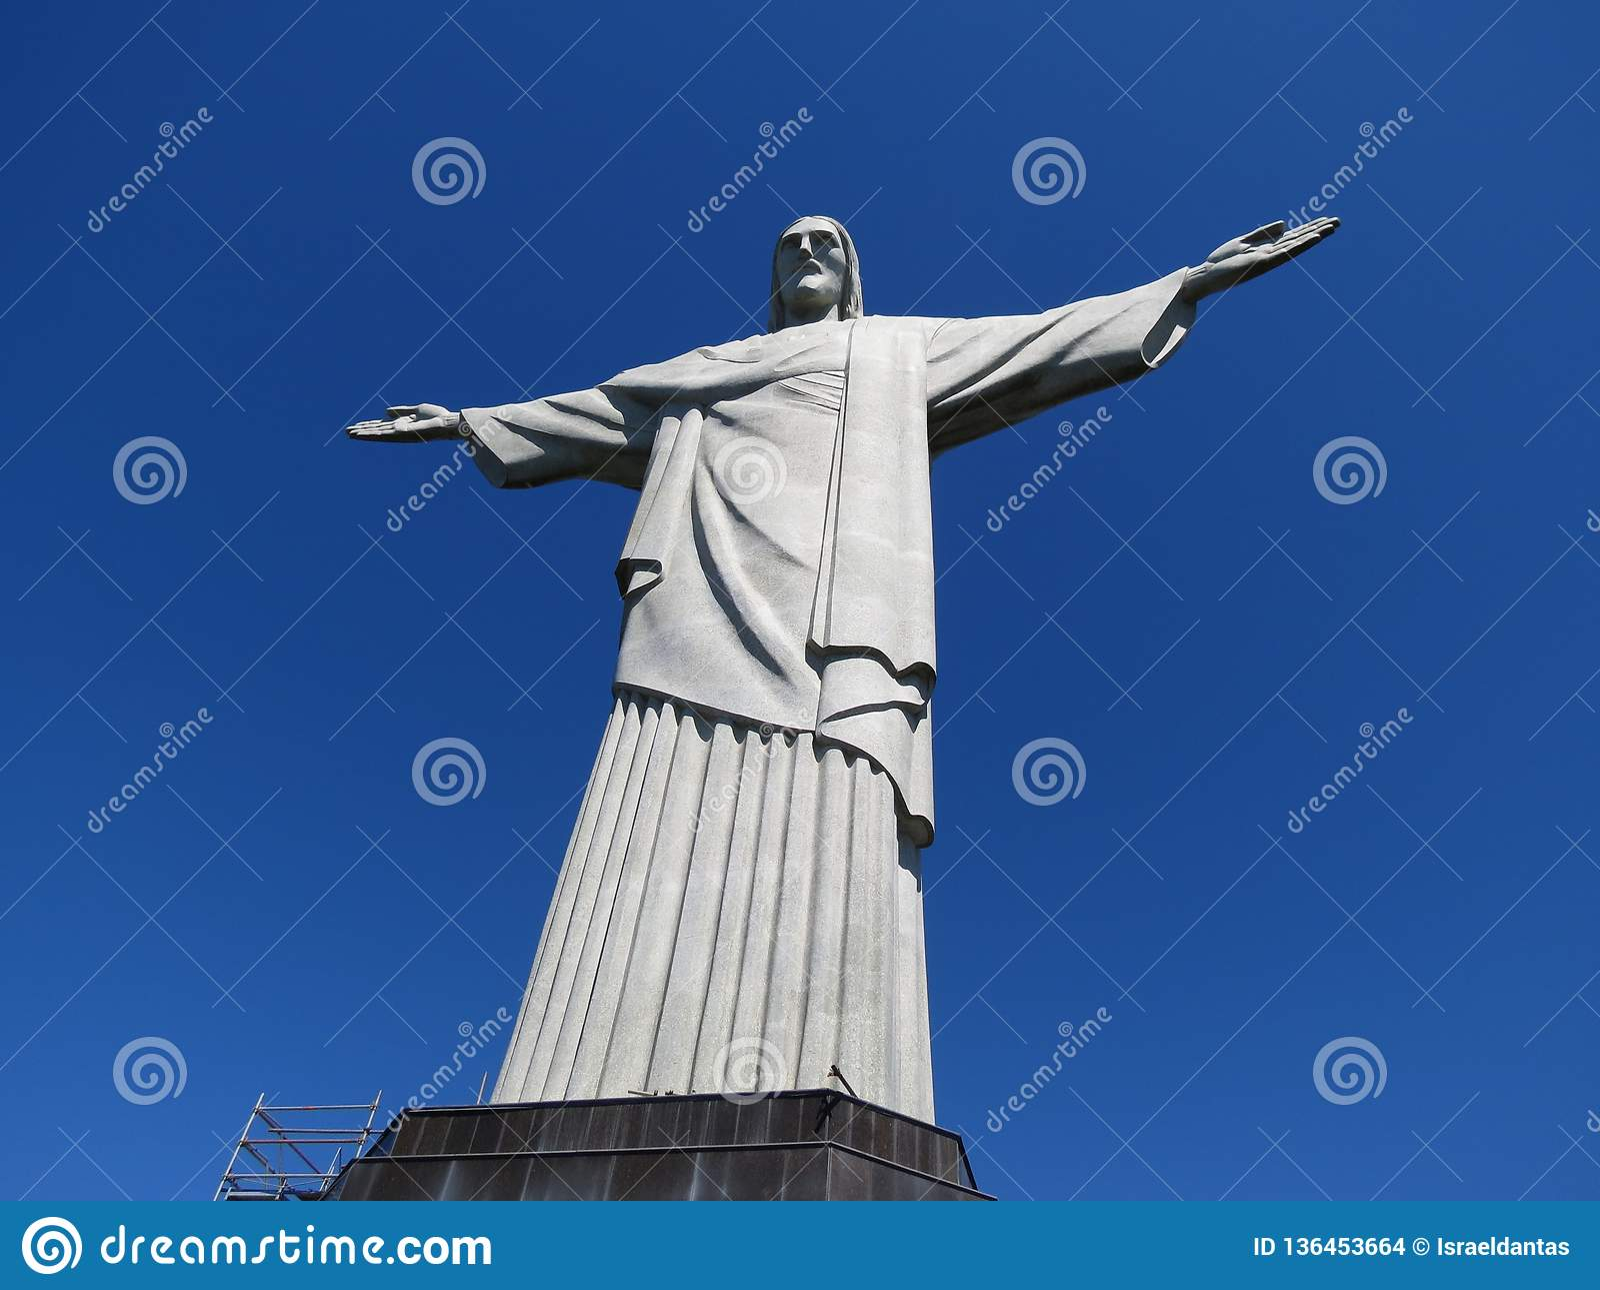 Rio de Janeiro Statue Christ the Redeemer